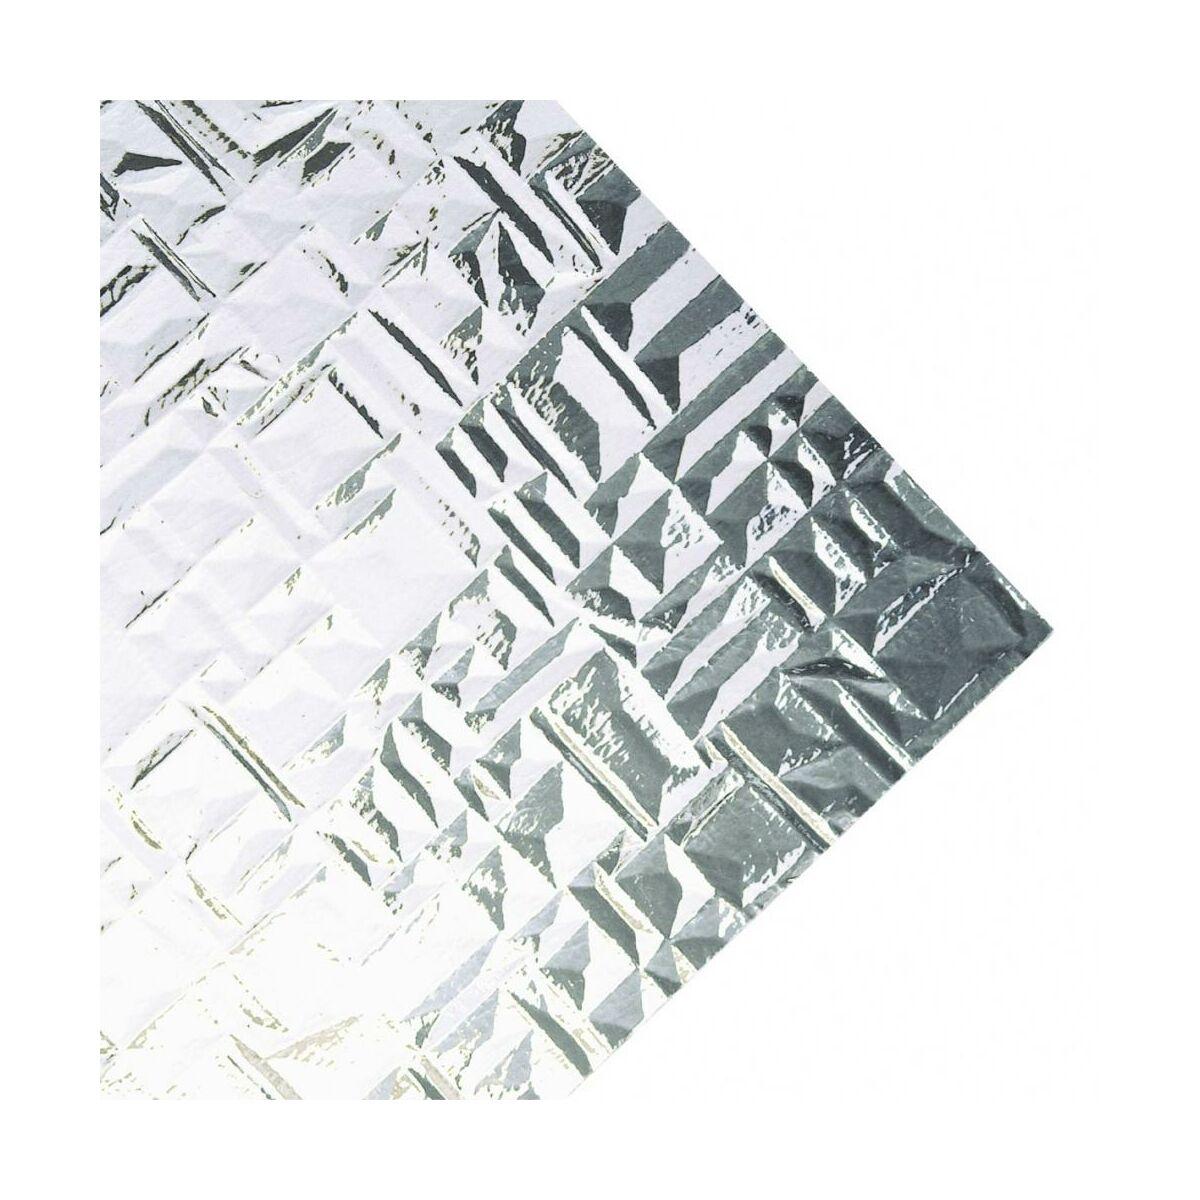 Szklo Syntetyczne Piramida Przejrzyste 142 X 54 Cm Robelit Szyby Do Drzwi Z Polistyrenu W Atrakcyjnej Cenie W Sklepach Leroy Merlin